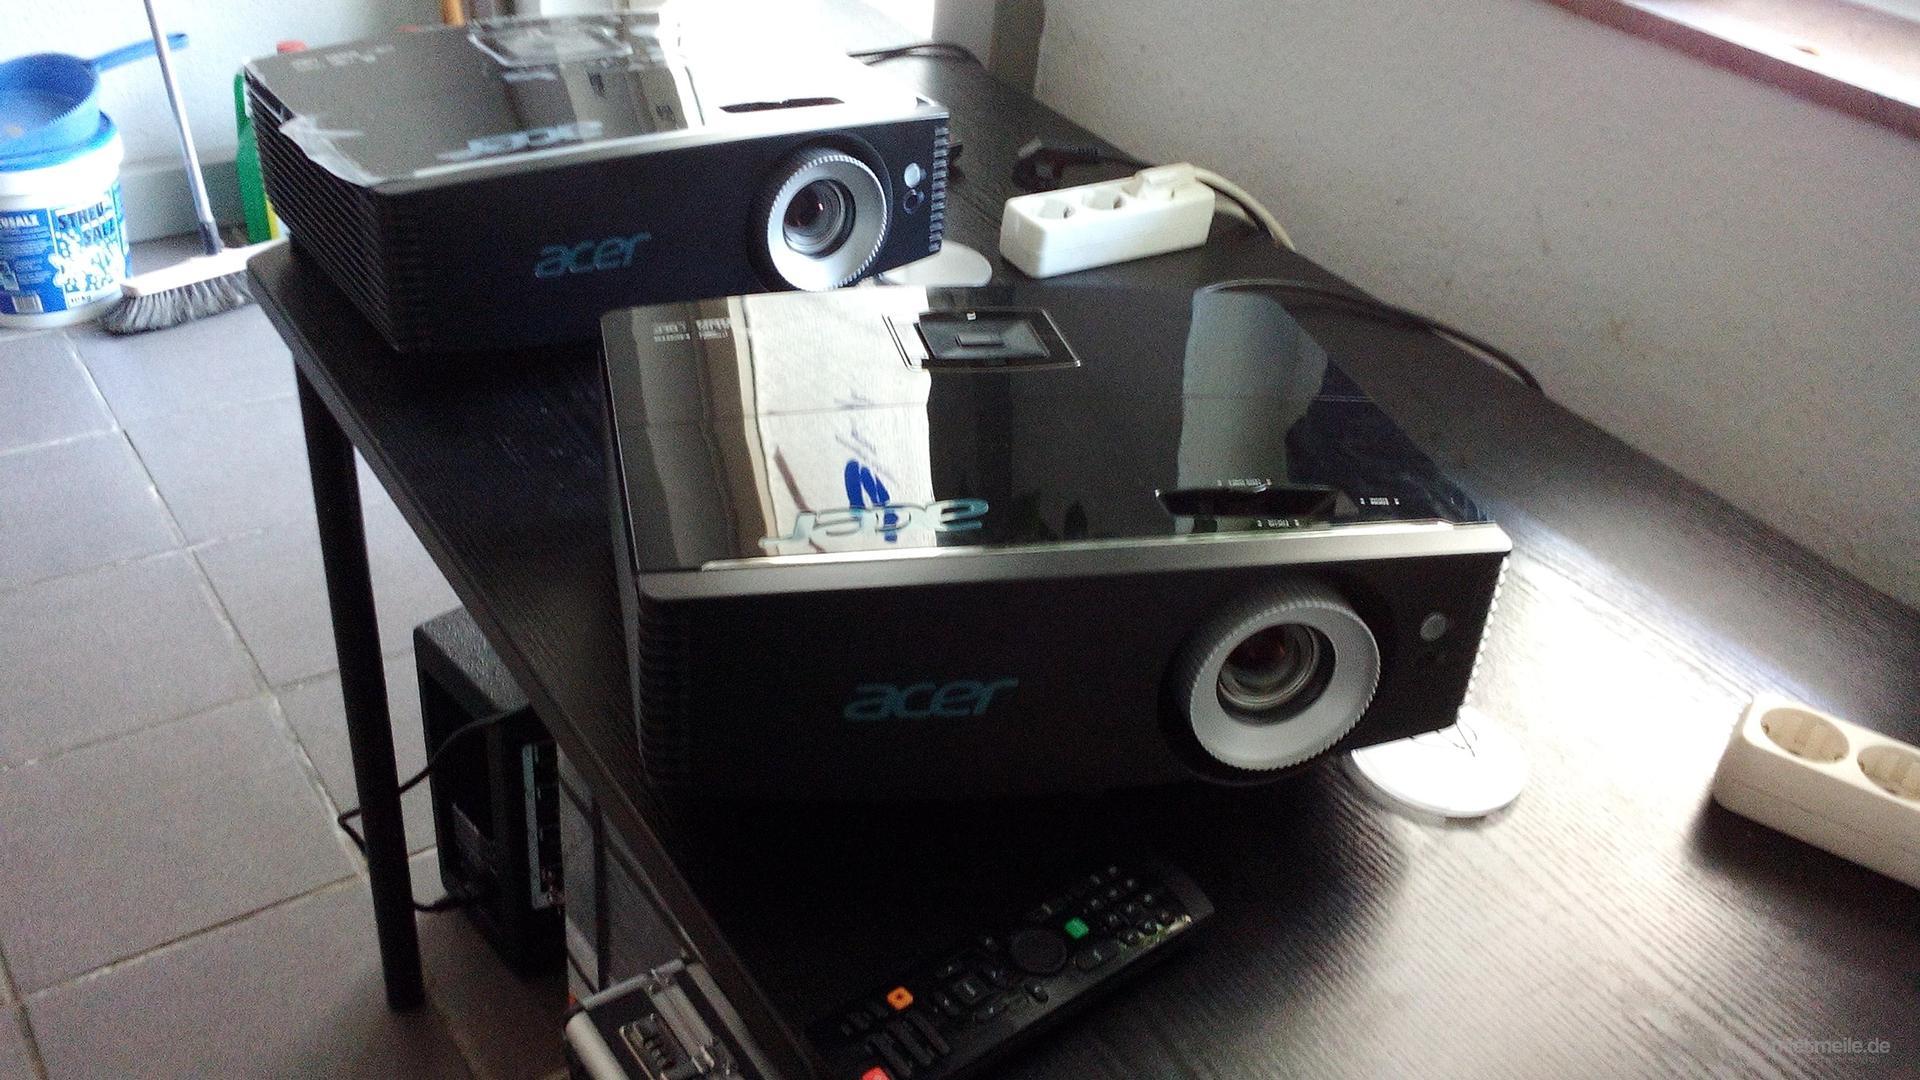 Beamer mieten & vermieten - Full HD Beamer 5000 Lumen hell  in Bonn